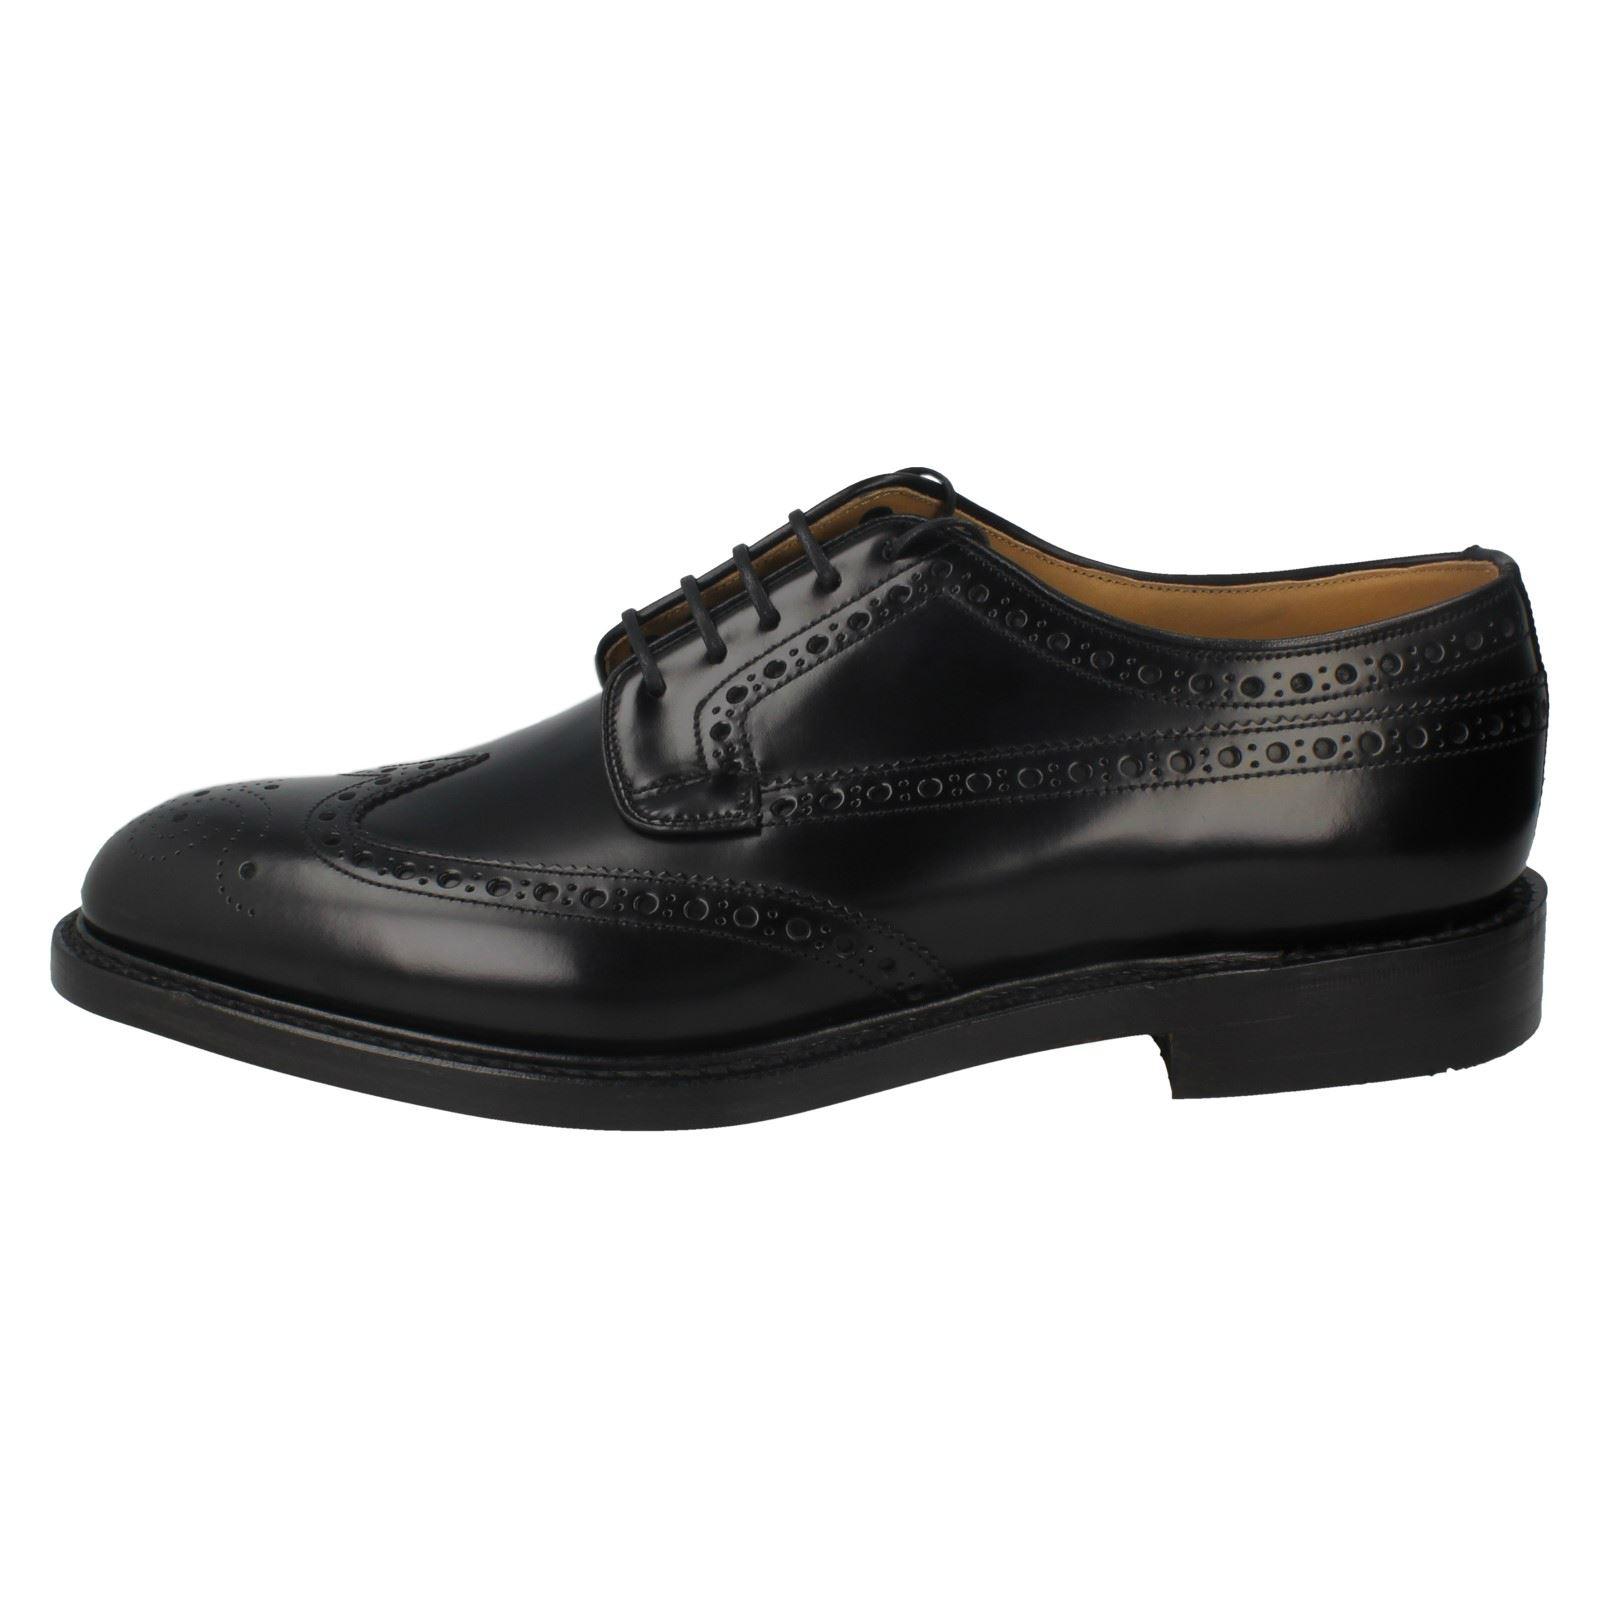 Mens Loake Smart/Formal Brogue Brogue Smart/Formal Shoes *Braemar* 918656